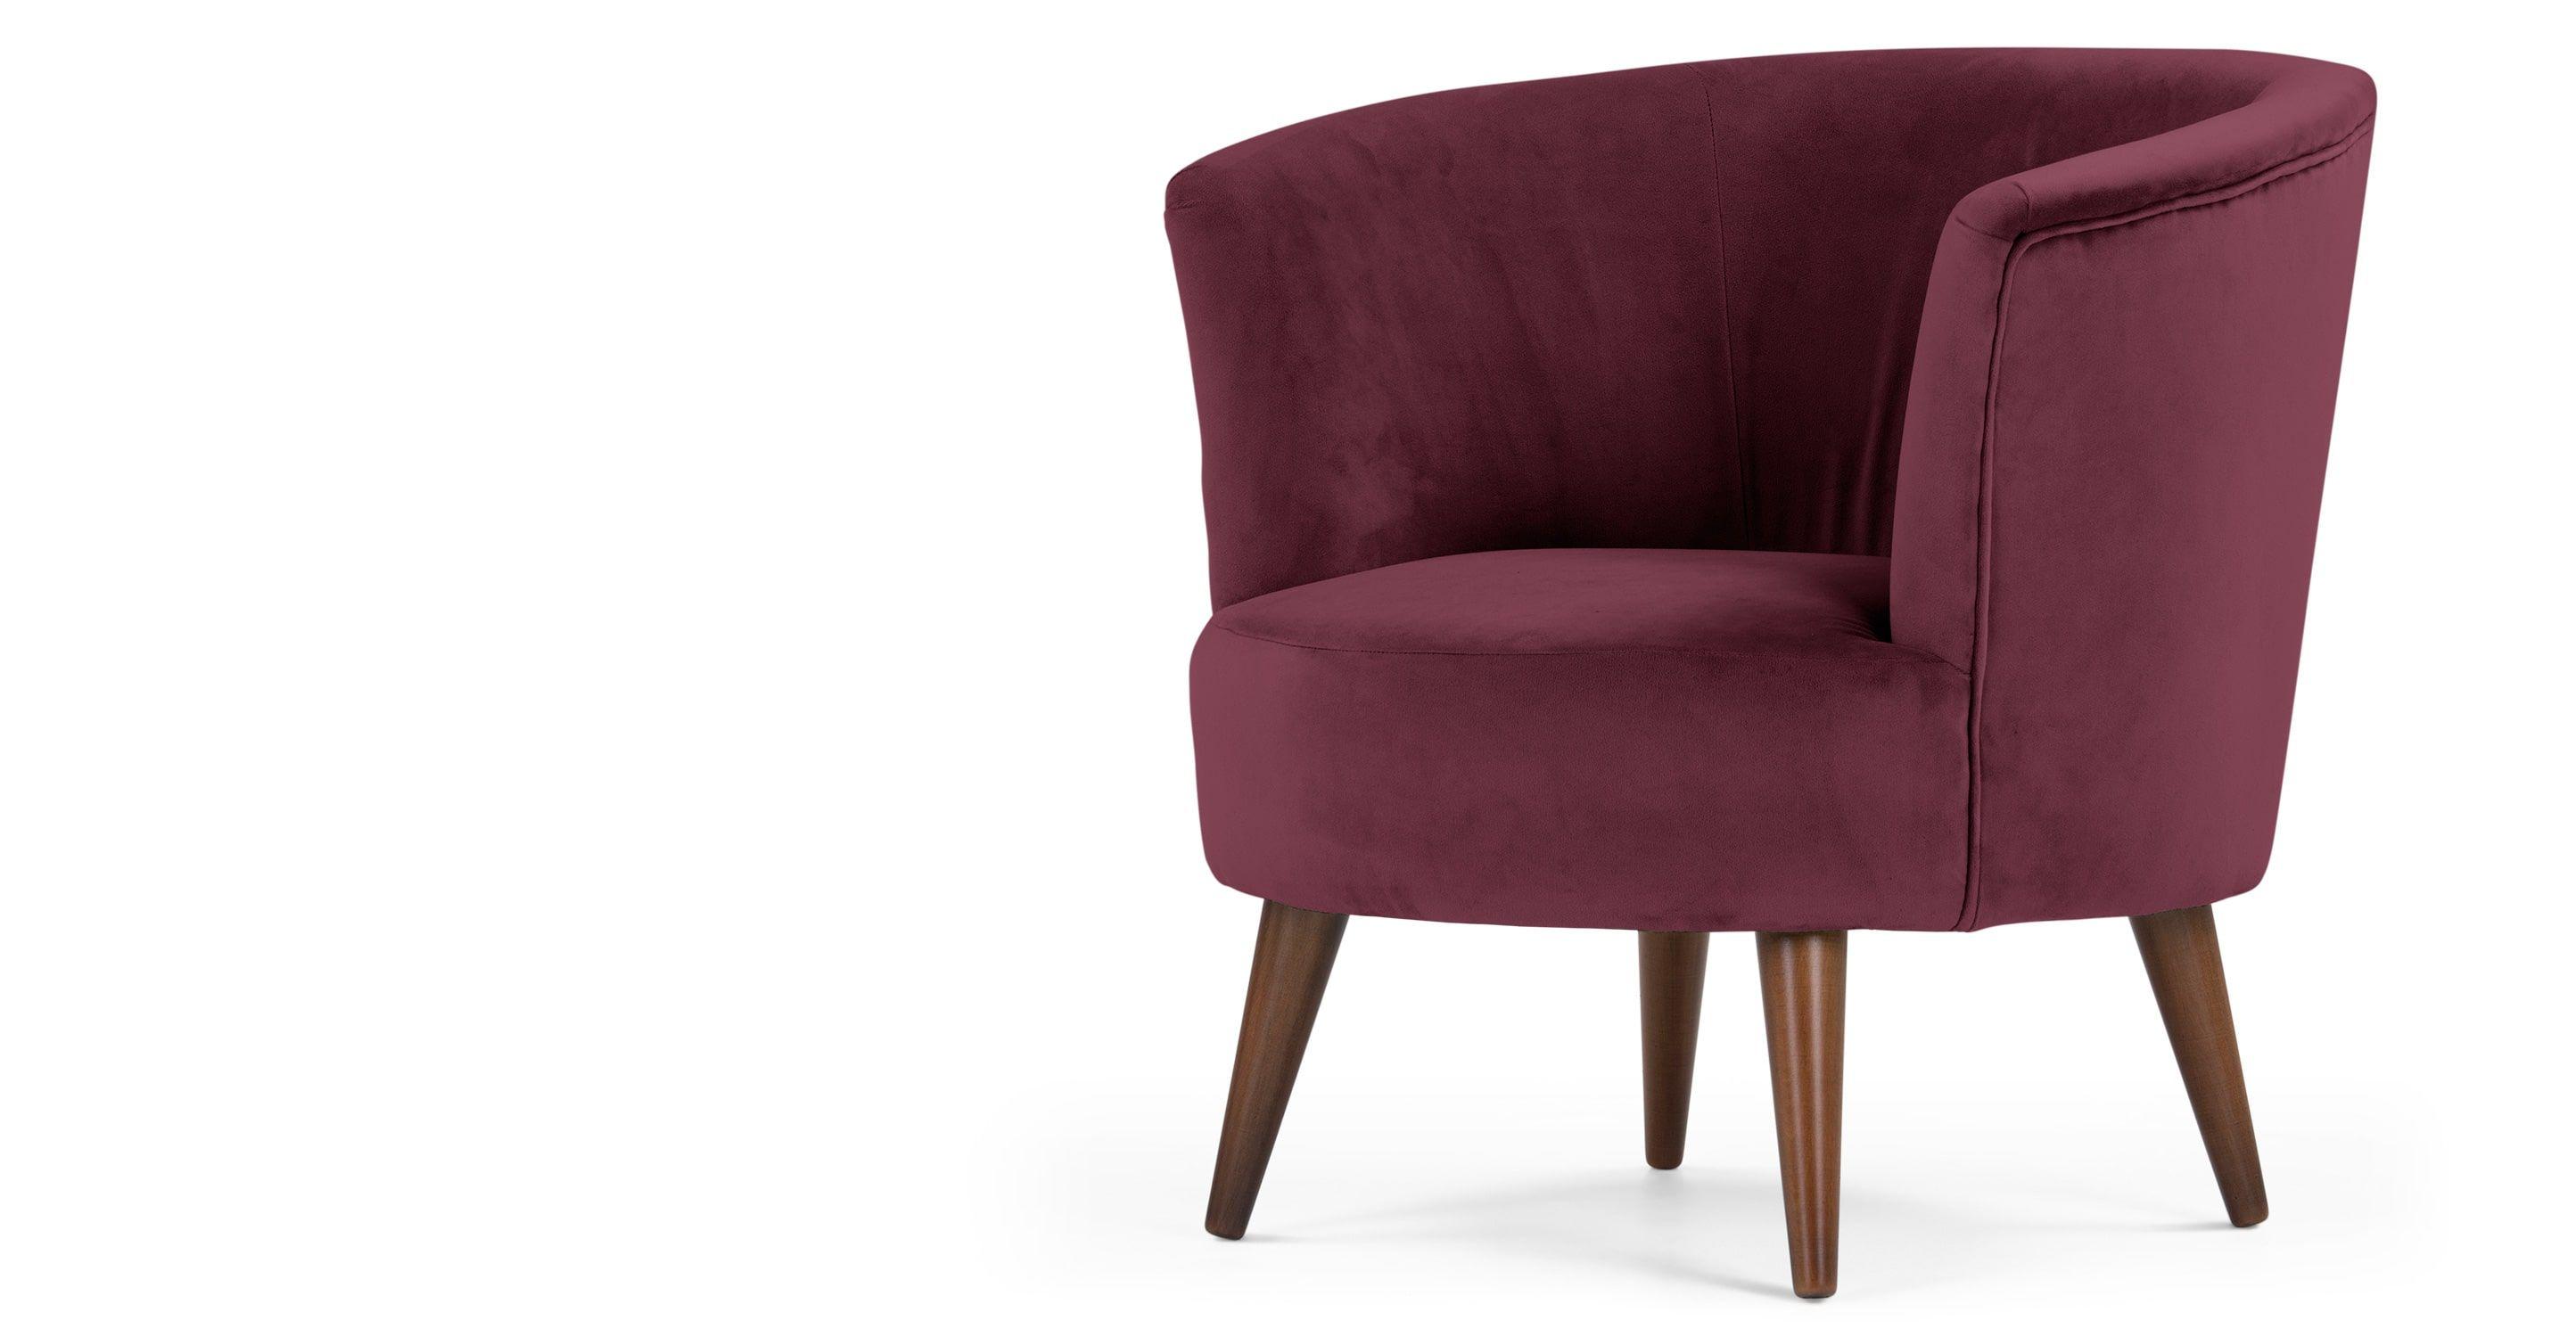 Lulu ronde stoel in Brugs bordeauxrood - Ronde stoel, Bordeauxrood ...